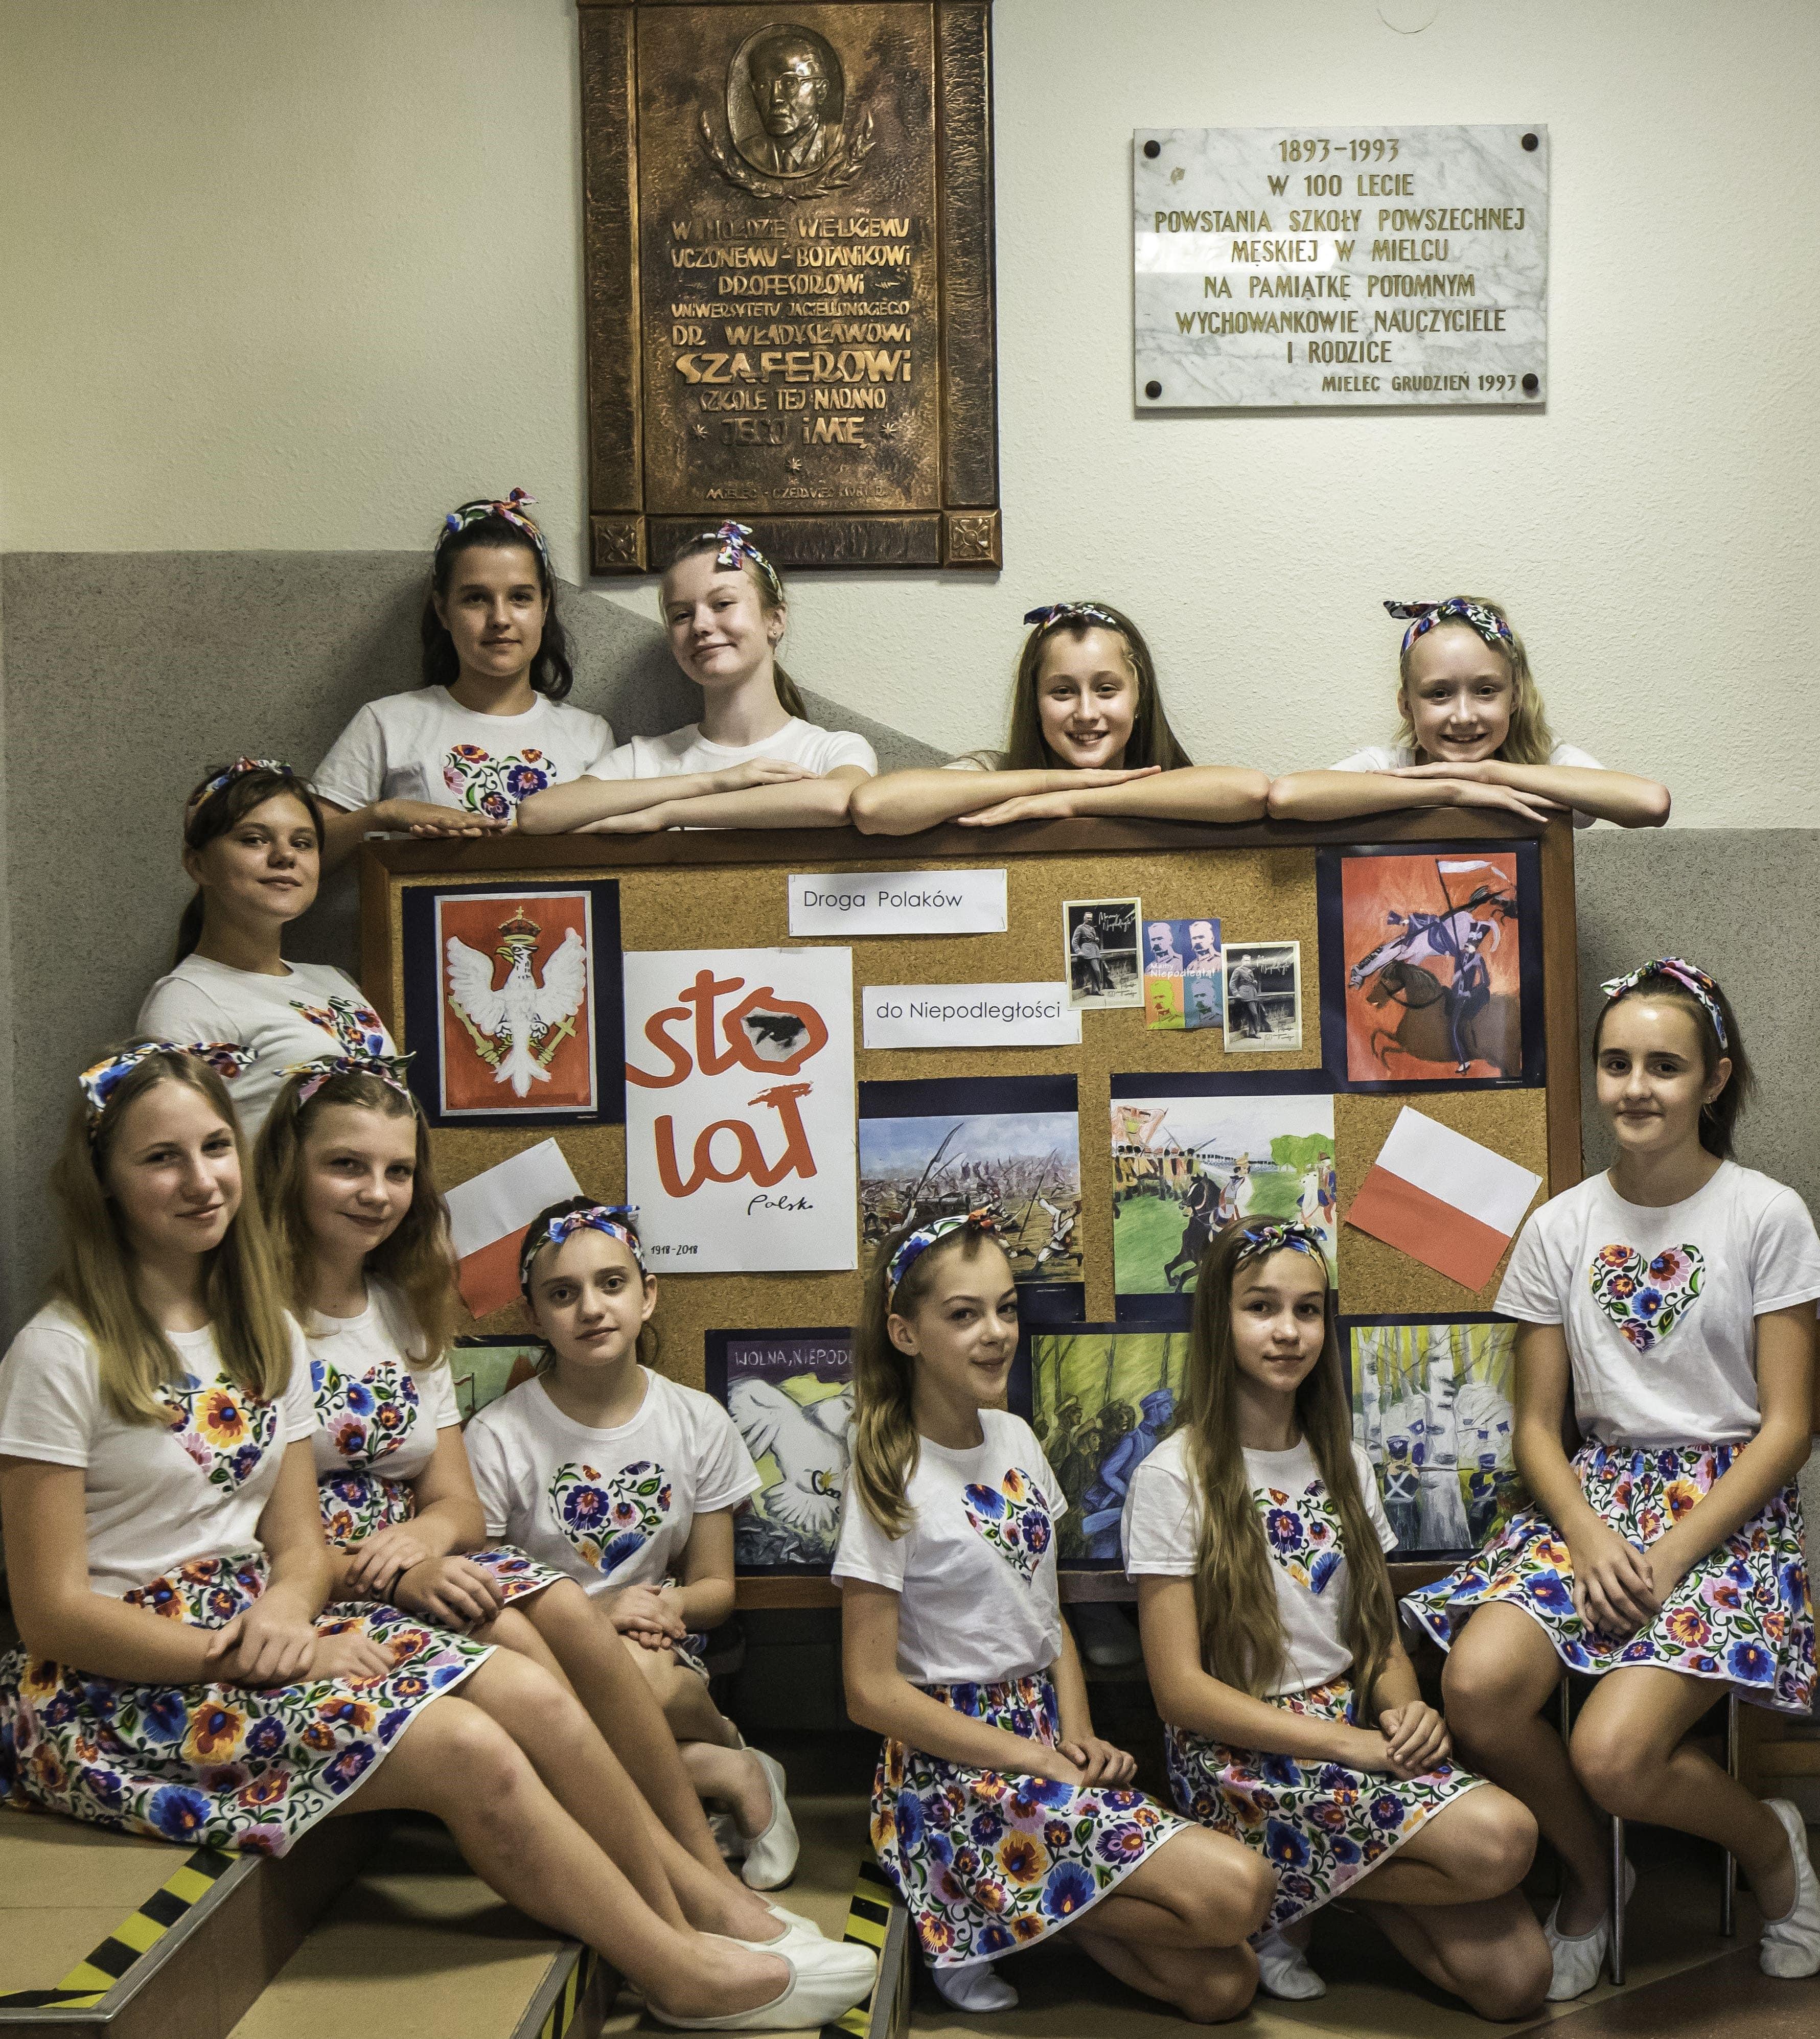 Zdjęcie przedstawia uczennice SP1 w Mielcu w strojach z motywami ludowymi prezentujące gazetkę